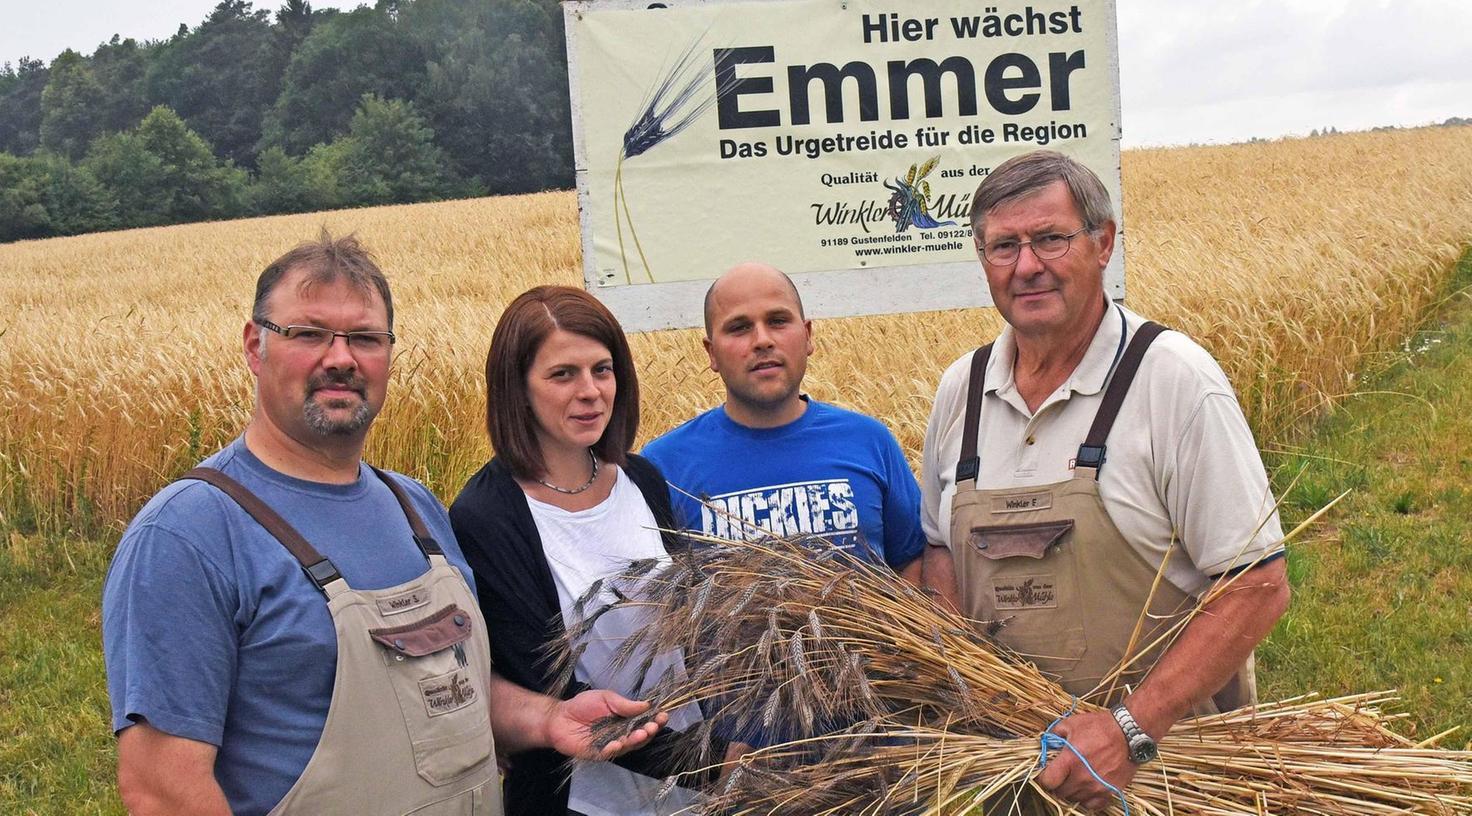 Kurz vor der Ernte am Emmer-Feld (von links): Mühlen-Chef Stefan Winkler, das Landwirtsehepaar Annika und Wolfgang Maier und Seniorchef Fritz Winkler.